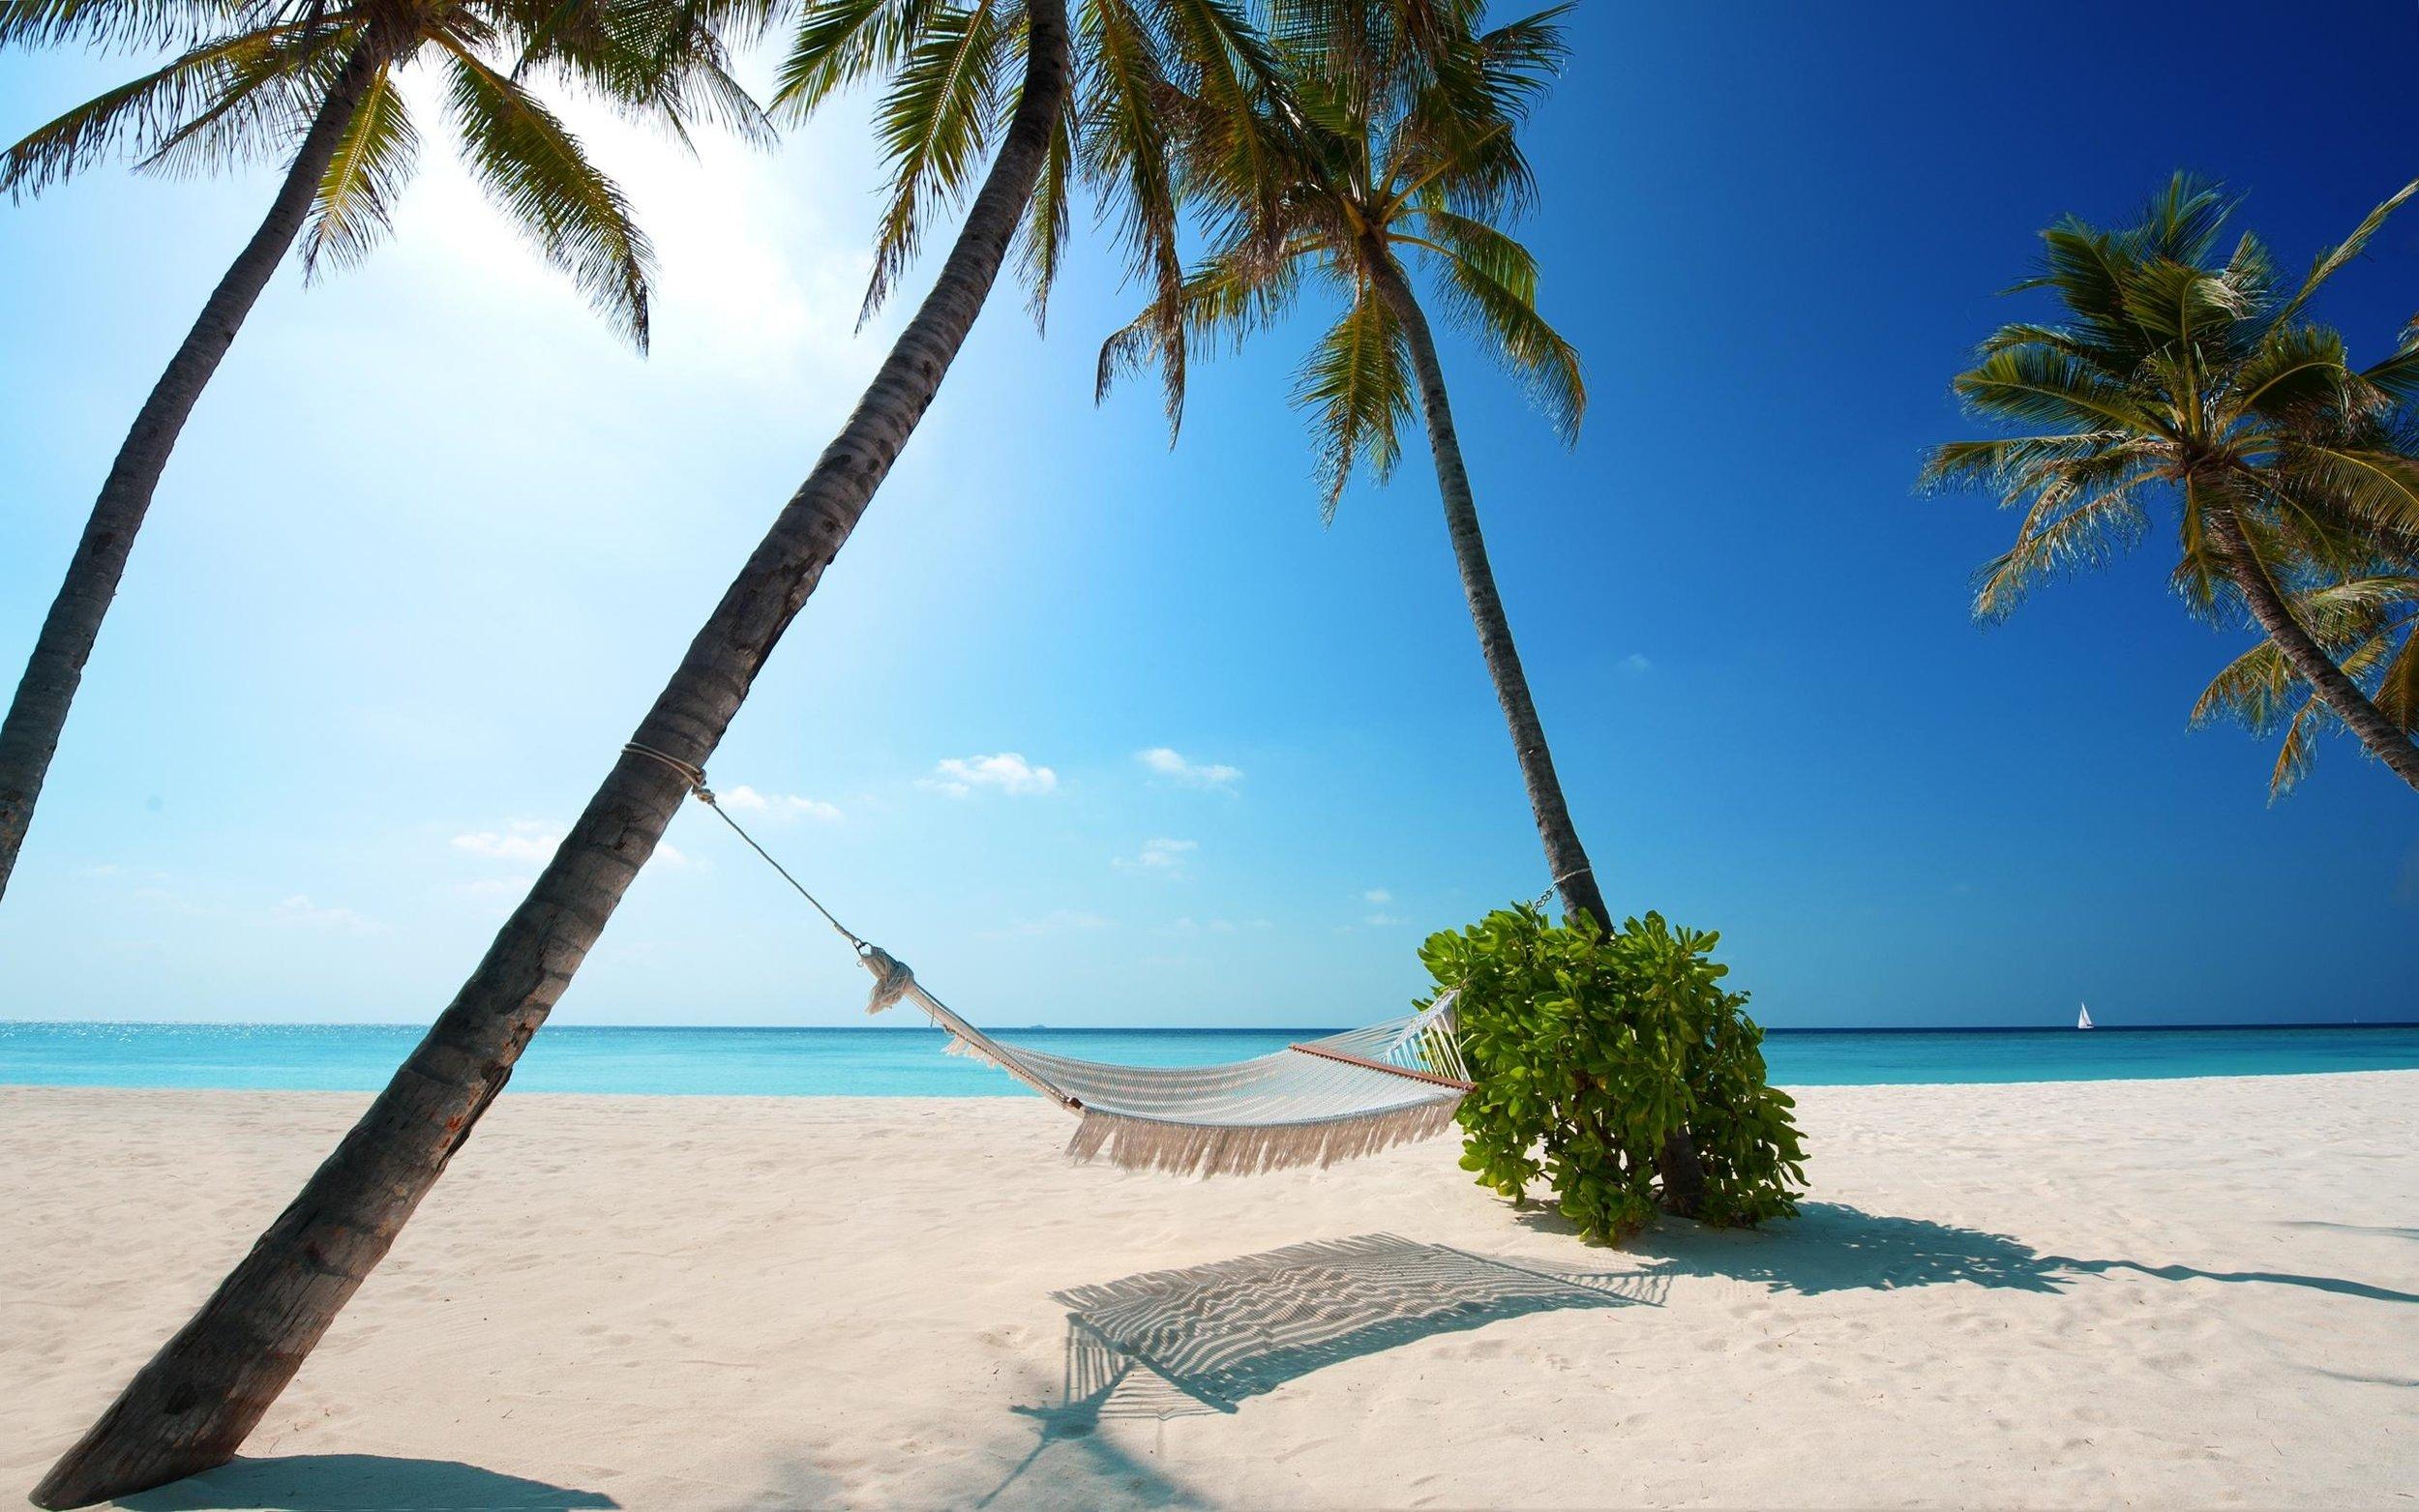 beautiful_beach-805013.jpg